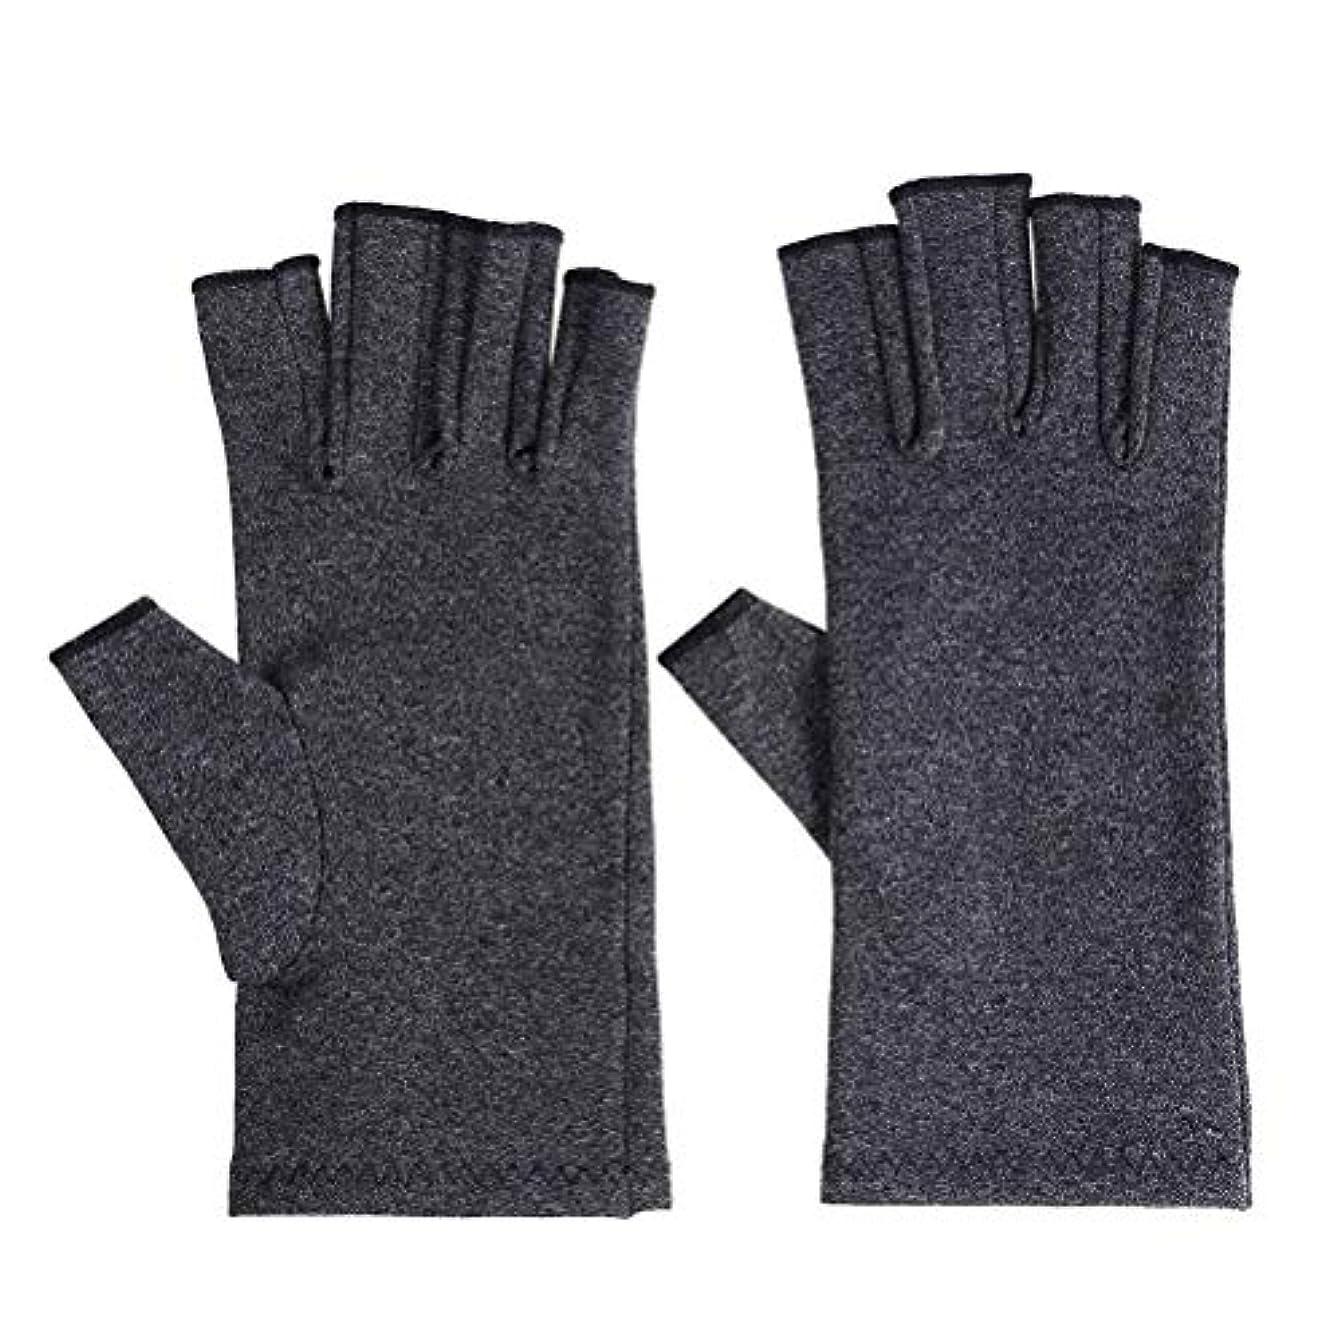 スマッシュ完璧厄介なHealifty 手関節炎関節痛緩和手袋療法圧縮手袋ヘルスケア手袋女性男性1ペア